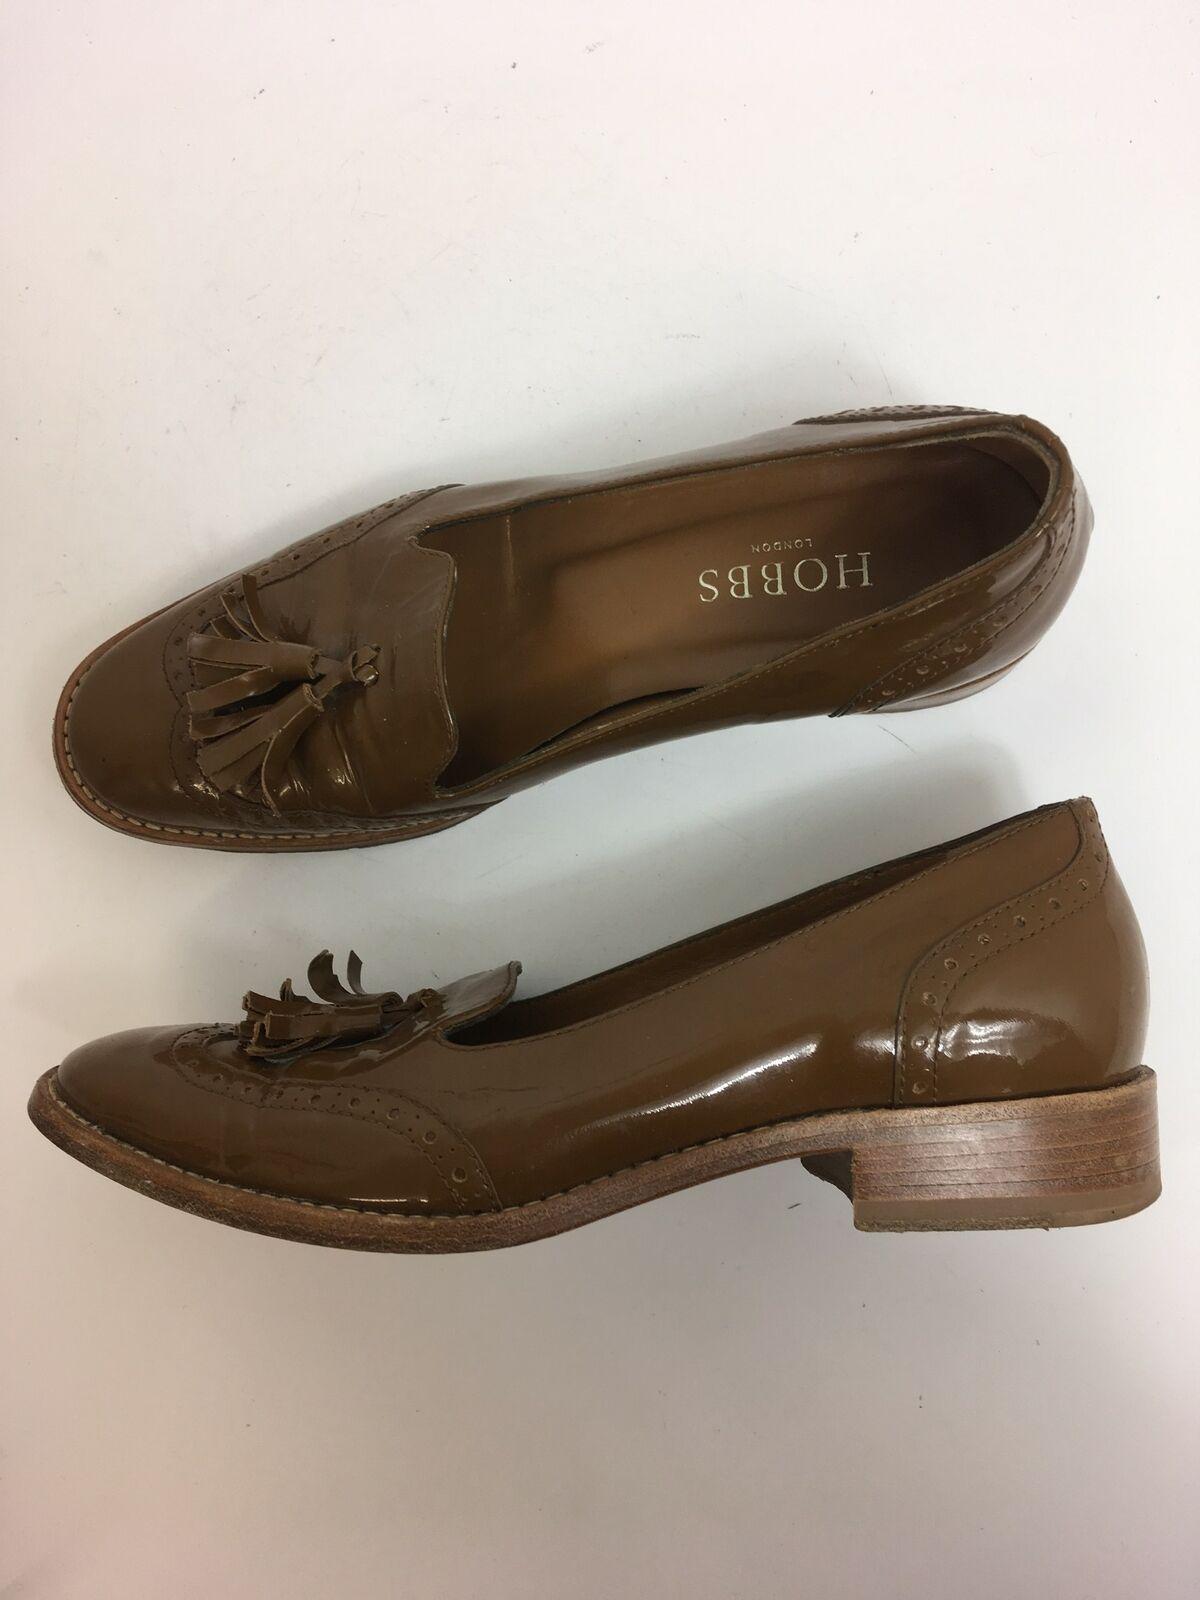 Para mujer Hobbs Marrón Charol Resbalón en Zapatos Taco de Bloque Borlas inteligente UK 3